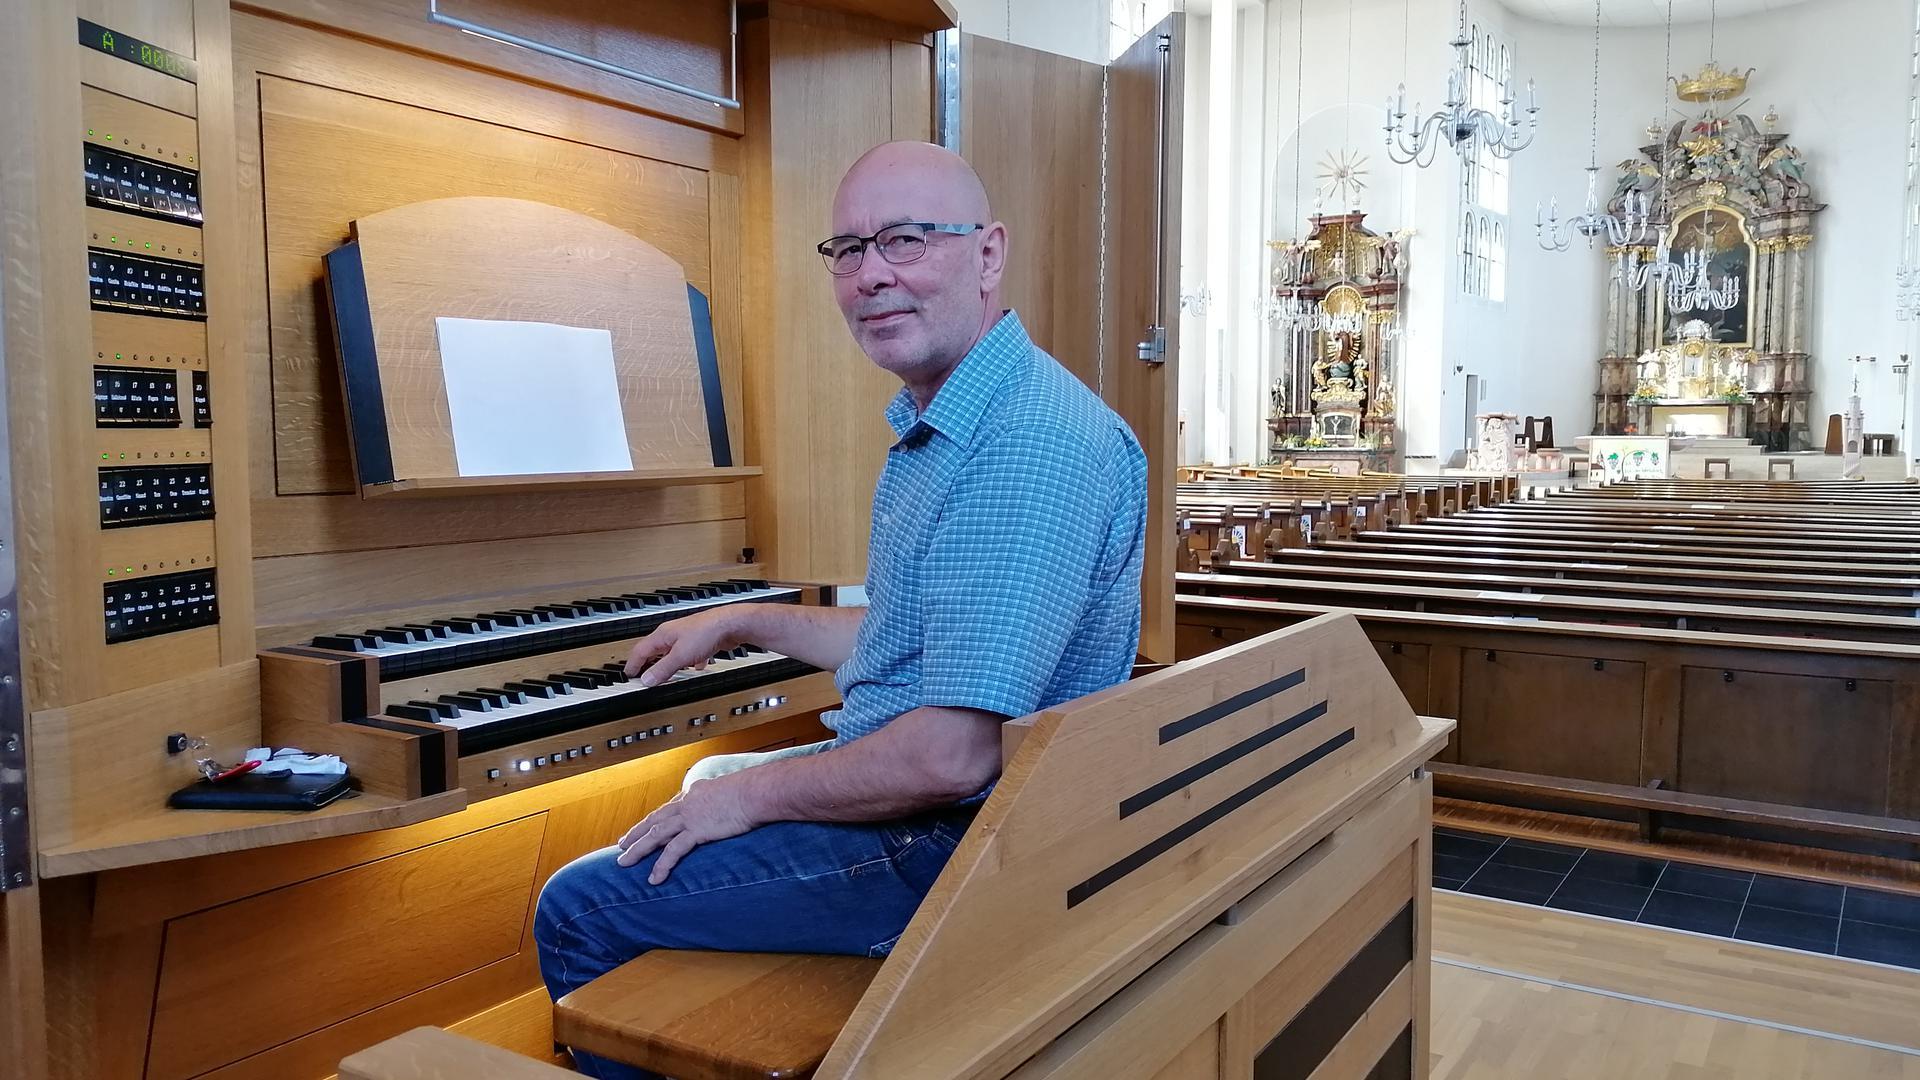 Orgelbaumeister Hans-Martin Luge aus Rheinmünster-Stollhofen sitzt an der Orgel in der katholischen Kirche in Haueneberstein.